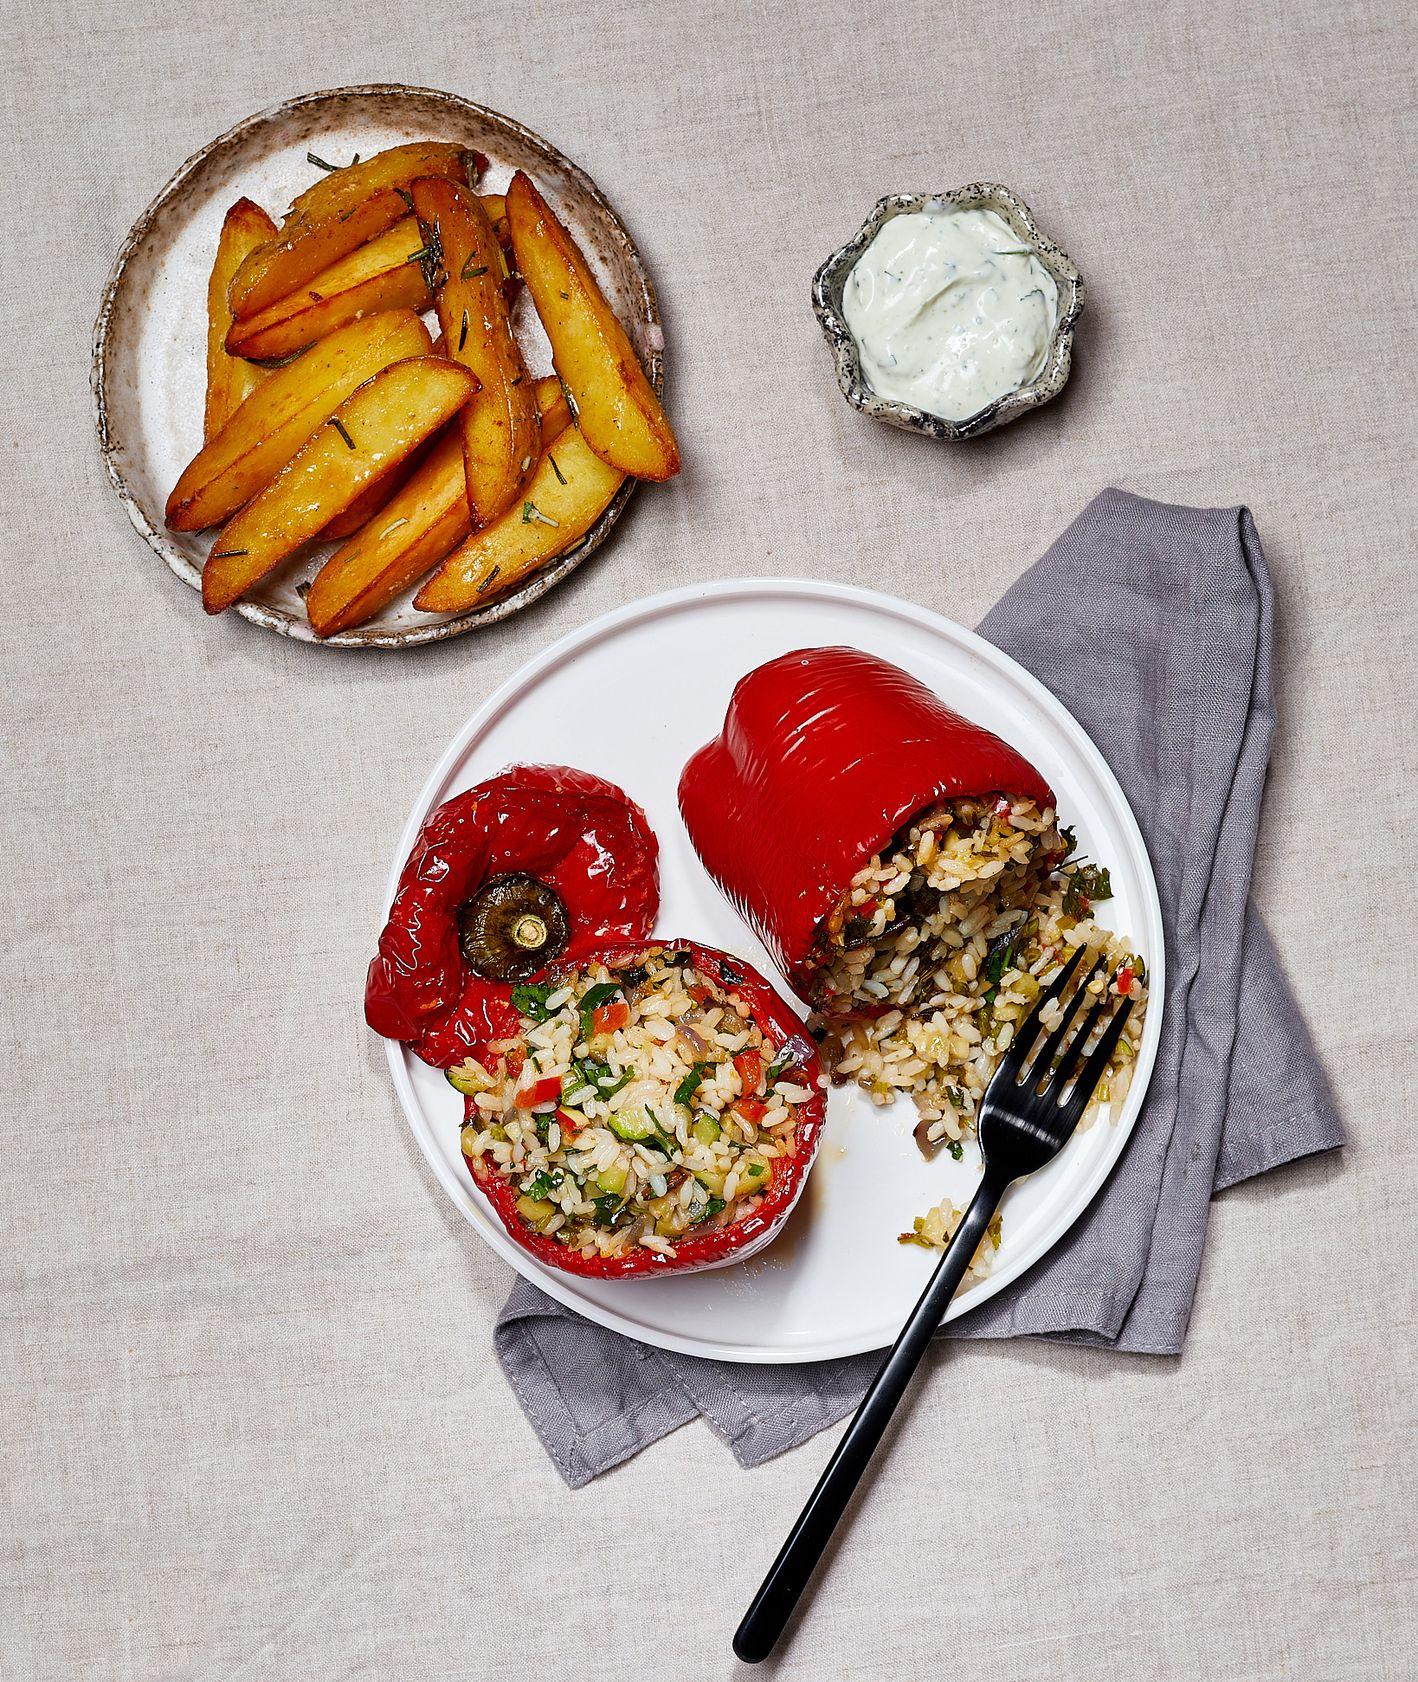 Papryka nadziewana ryżem z warzywami z sosem ziołowym i ziemniakami konfitowanymi . Wermut. (fot. Maciek Niemojewski)